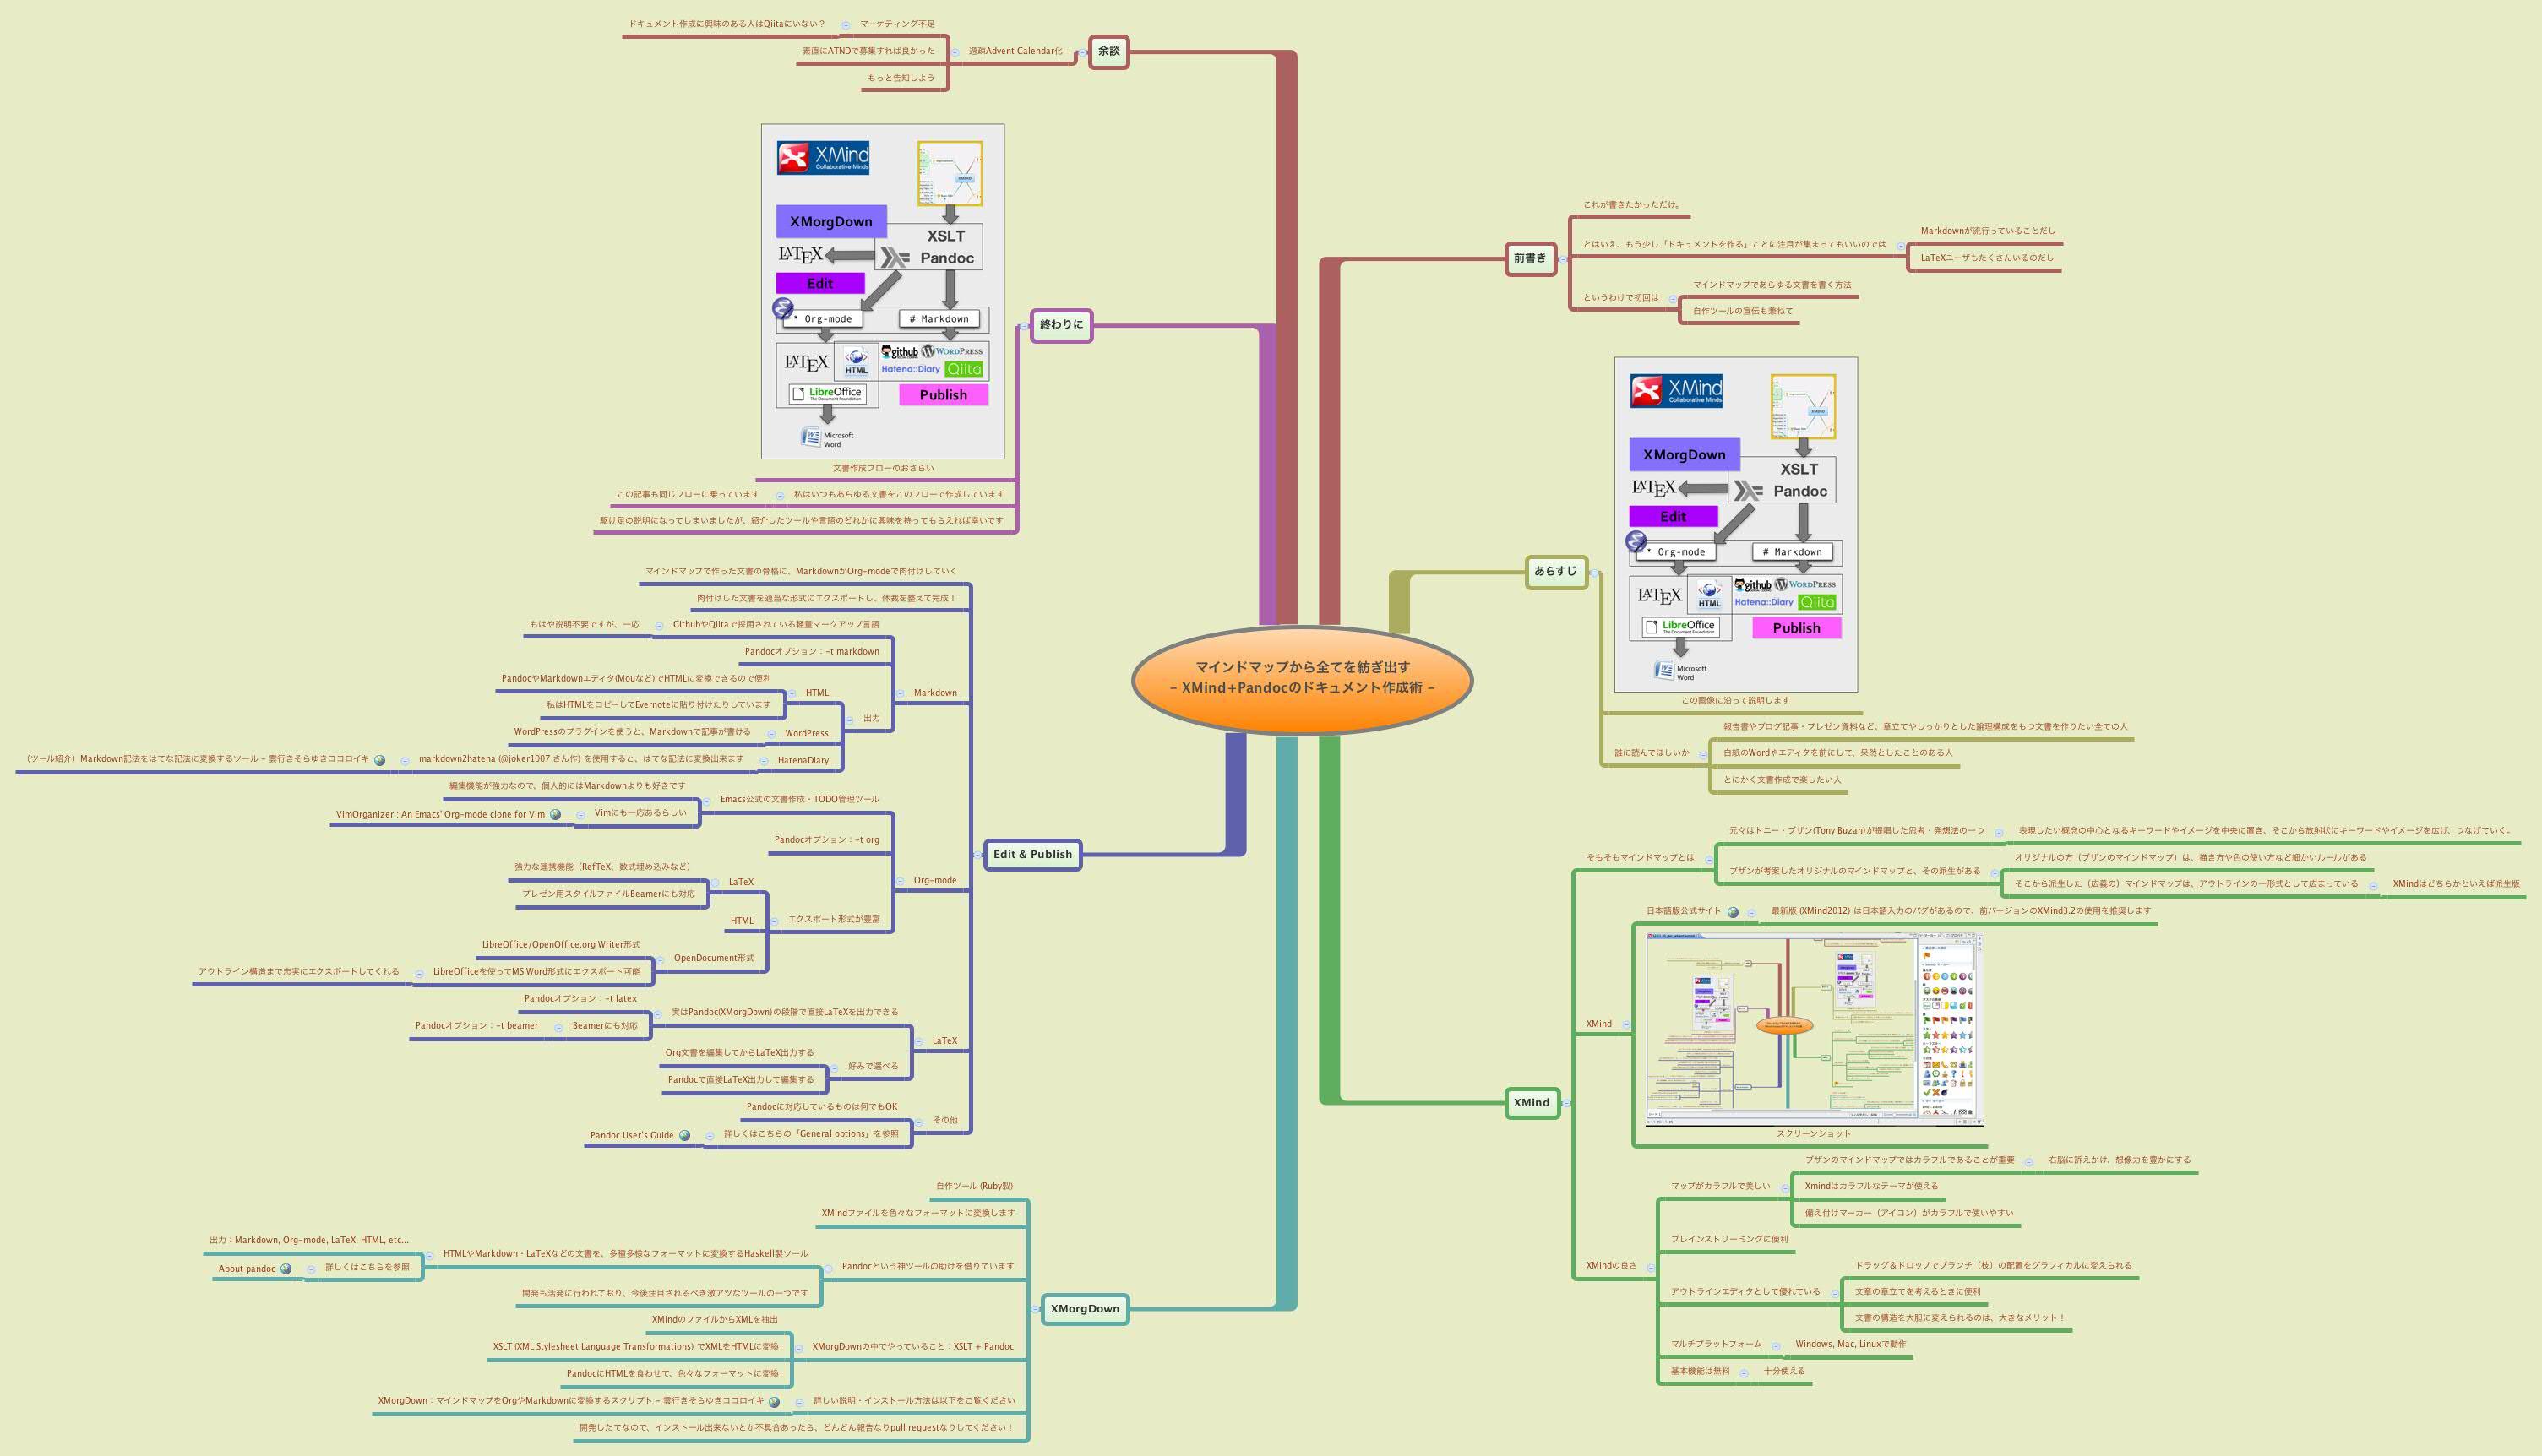 マインドマップから全てを紡ぎ出す         - XMind+Pandocのドキュメント作成術 -